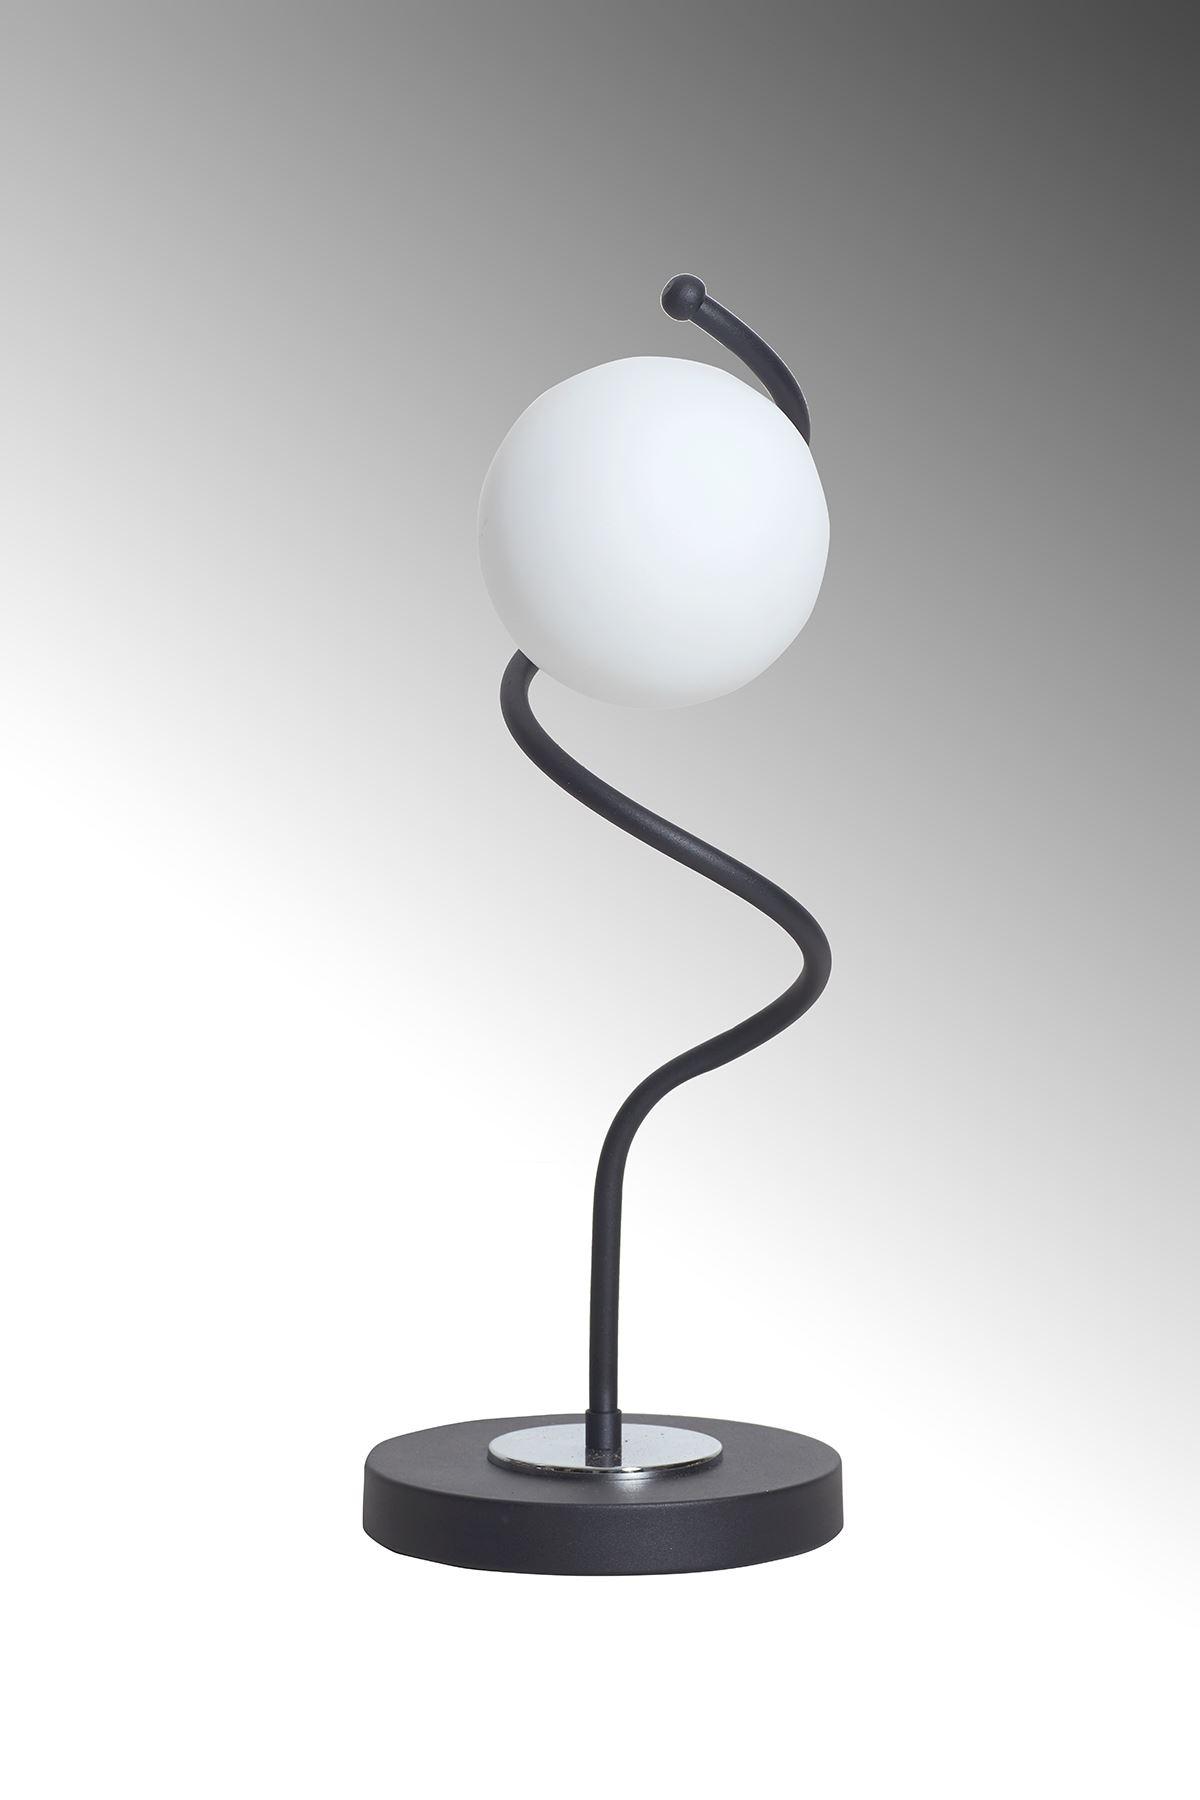 Nora Siyah-Krom Metal Gövde Beyaz Camlı Tasarım Lüx Masa Lambası